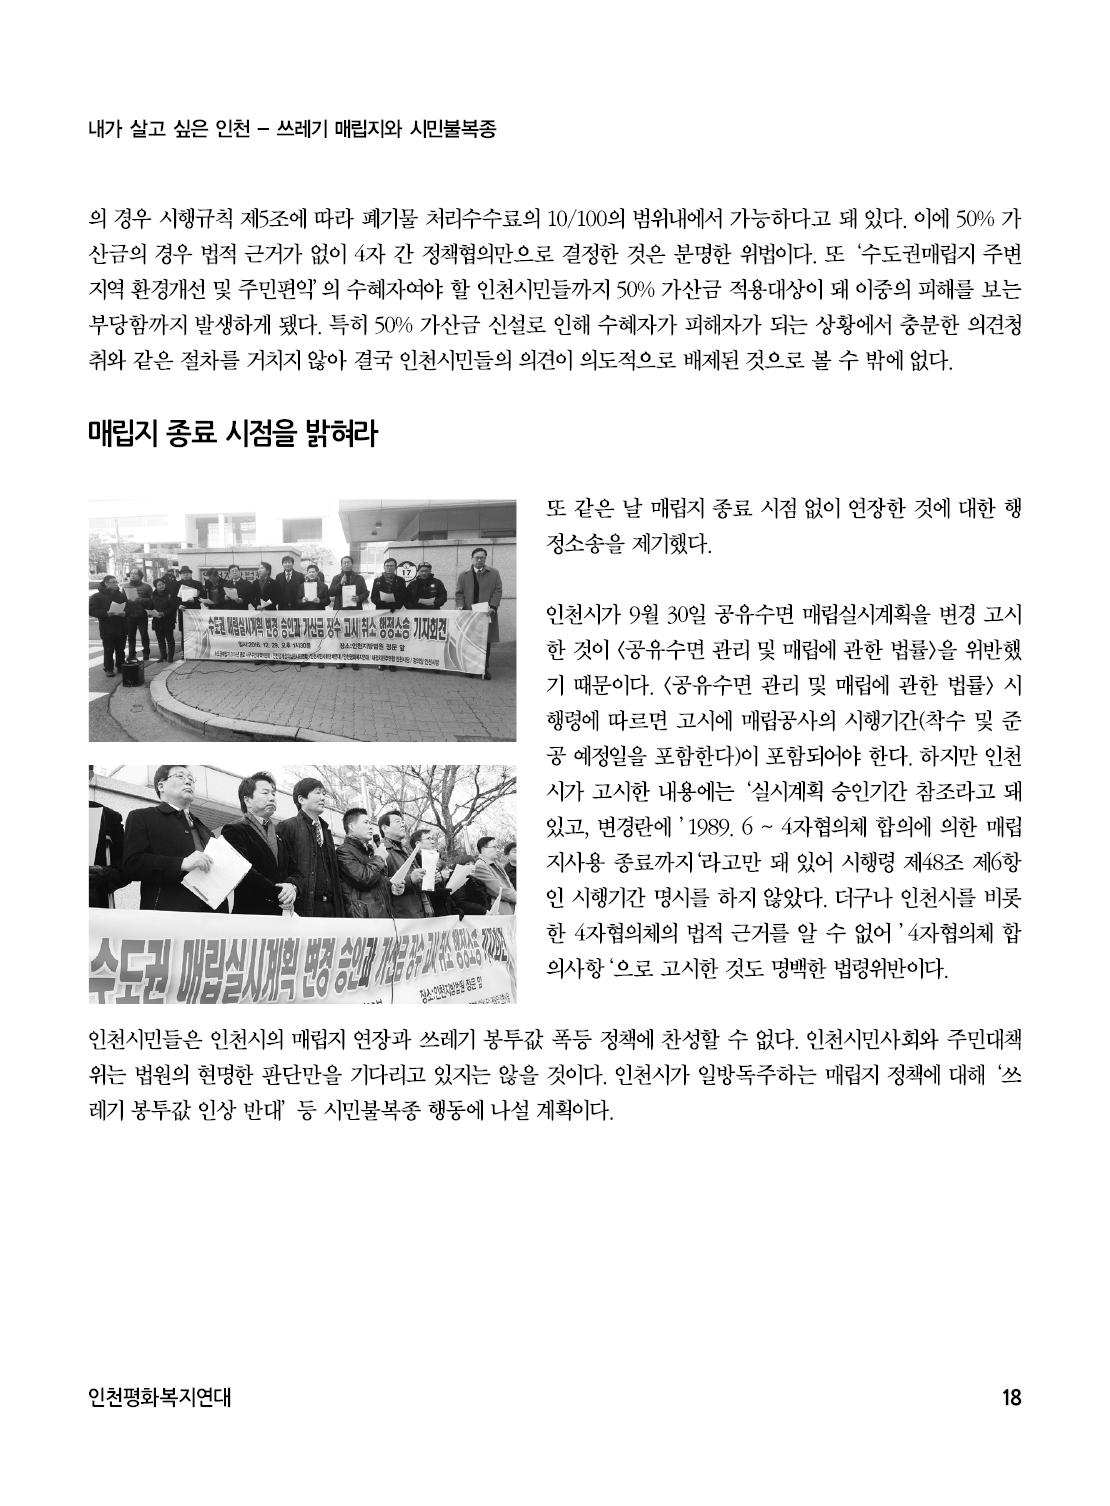 아웃라인 인천평화복지연대 창간준비2호18.jpg